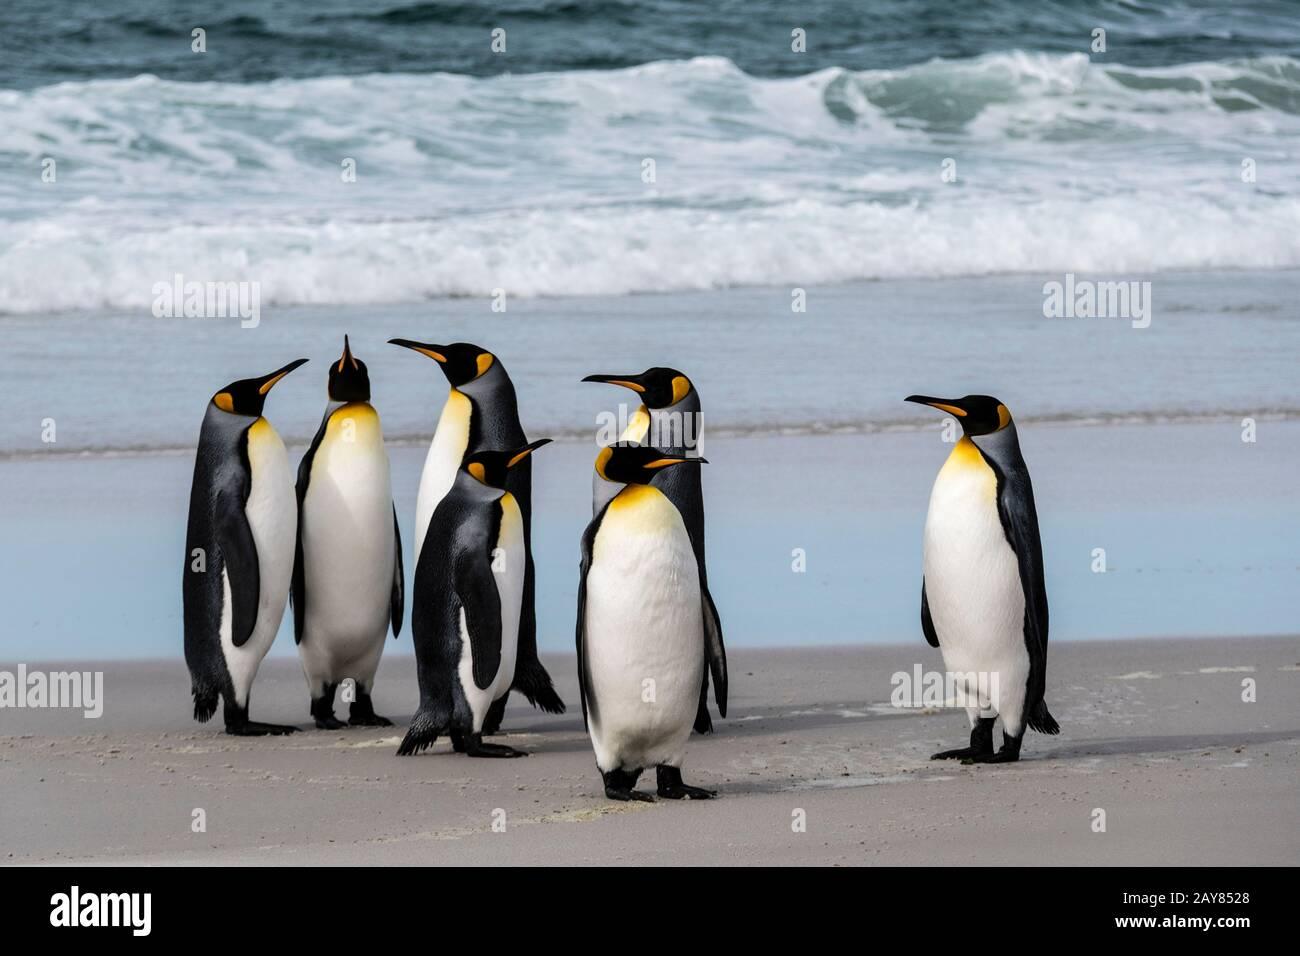 Grupo de pingüinos de rey, Aptenodytes patagonicus, en la playa de Neck, Isla Saunders, Islas Malvinas, Territorio Británico de Ultramar Foto de stock